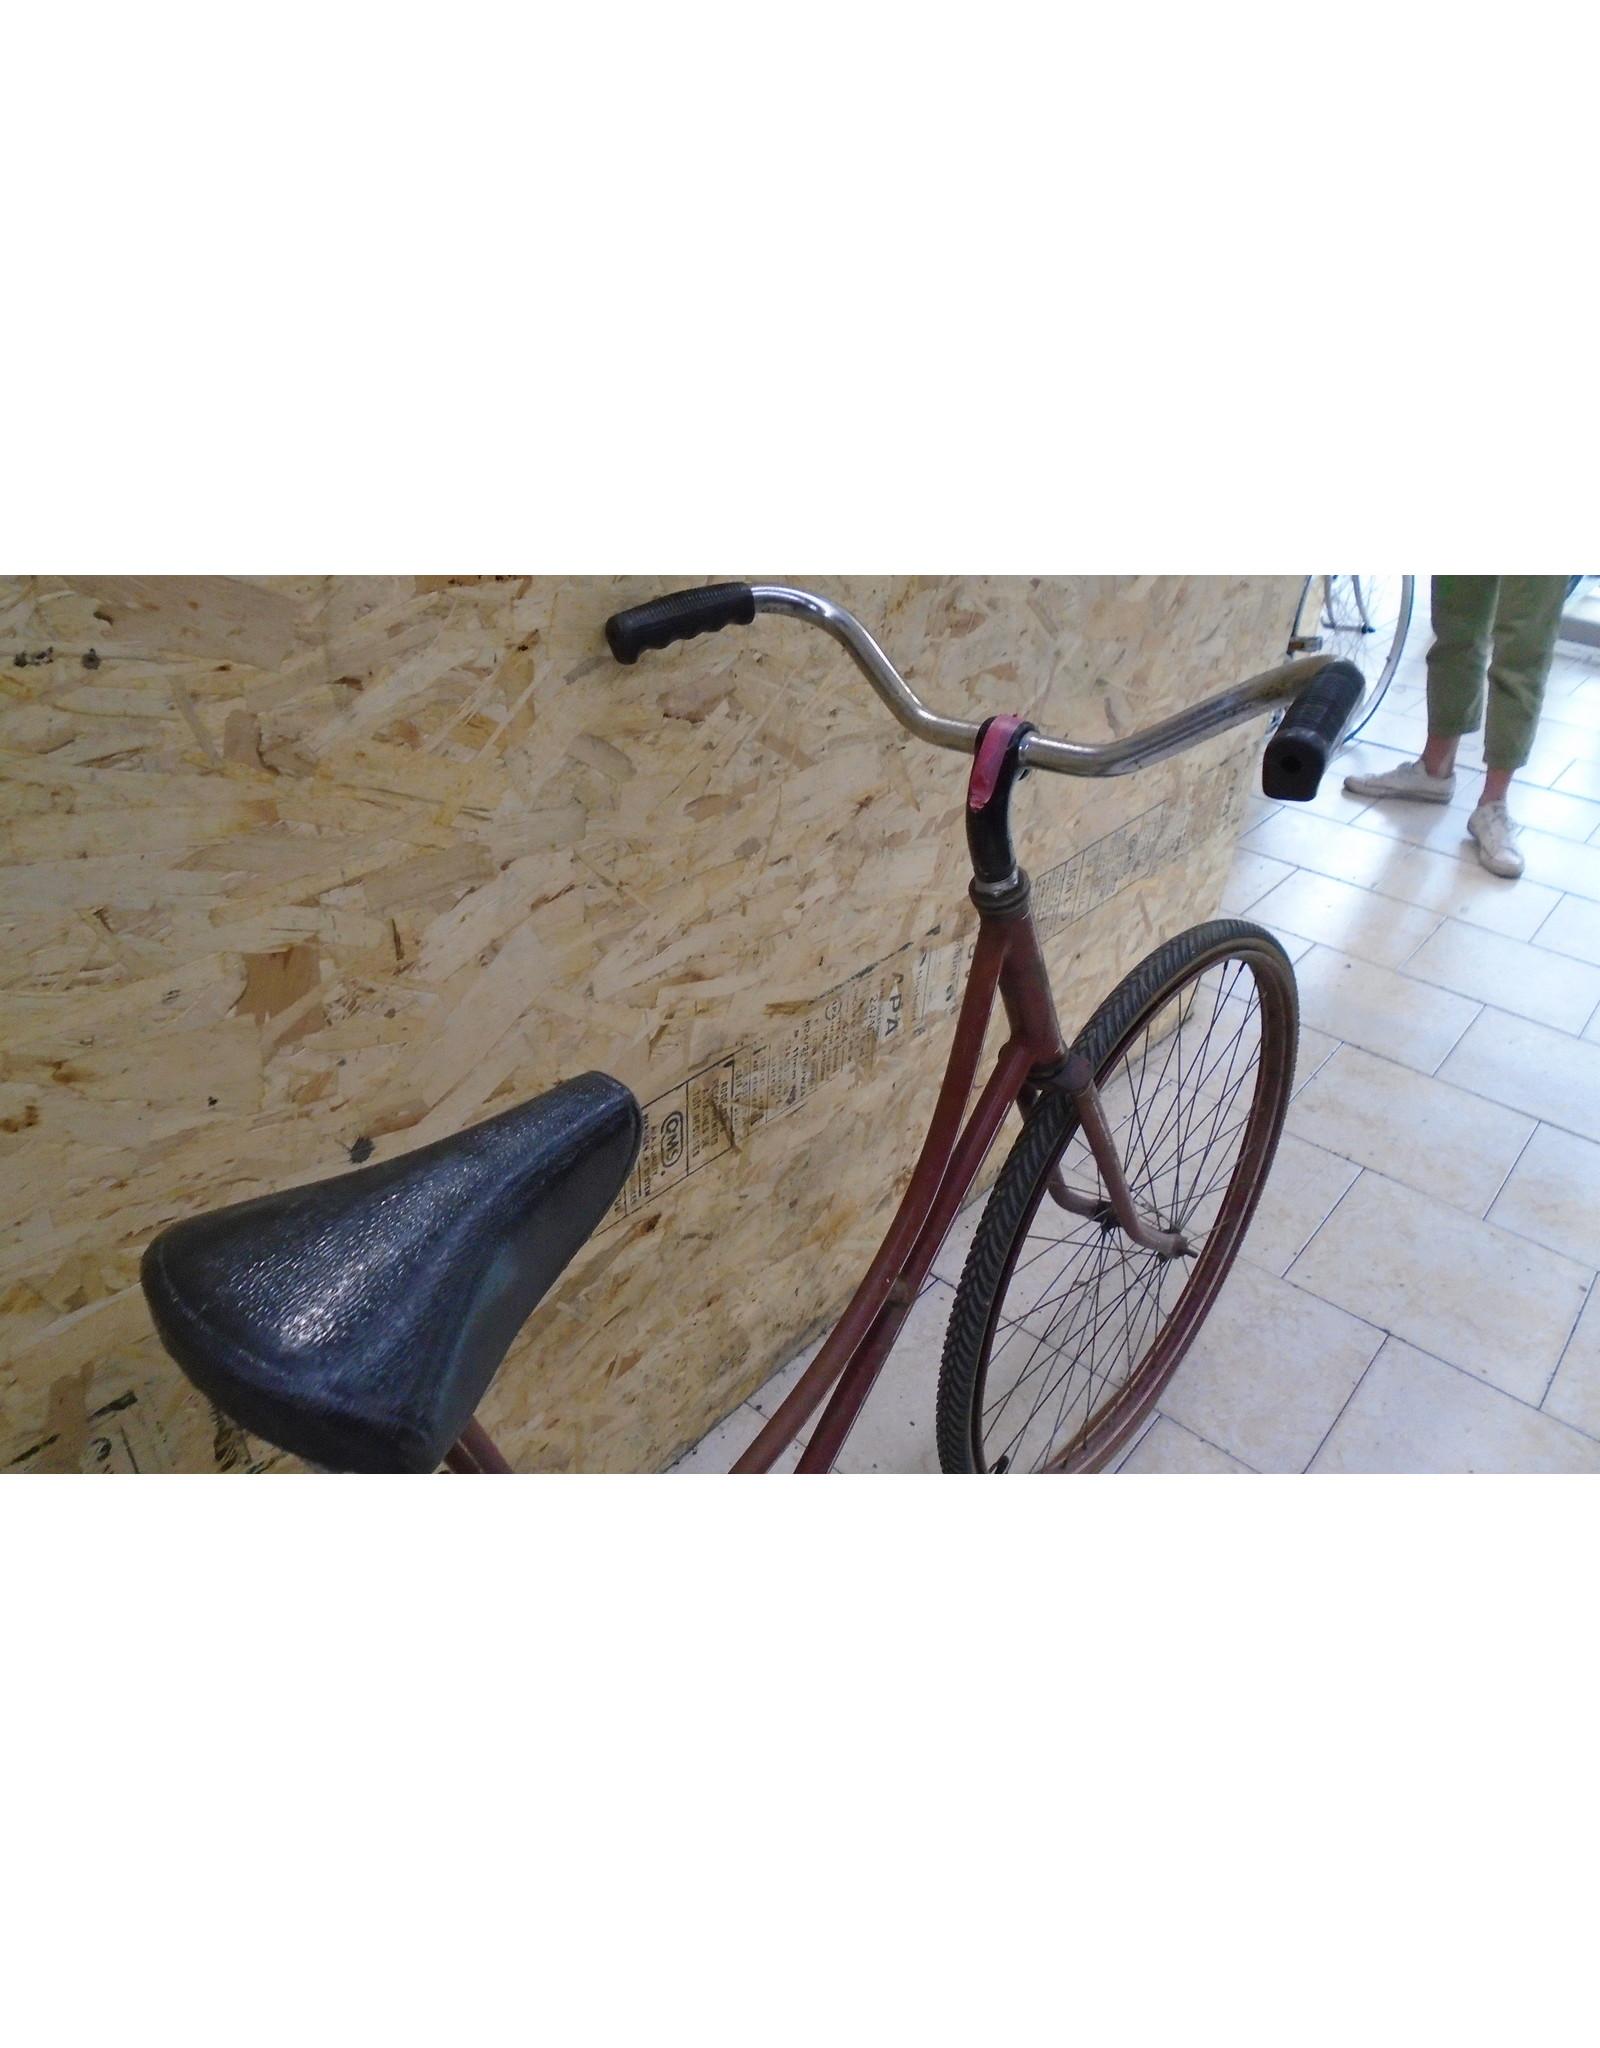 Vélo usagé antique rouge